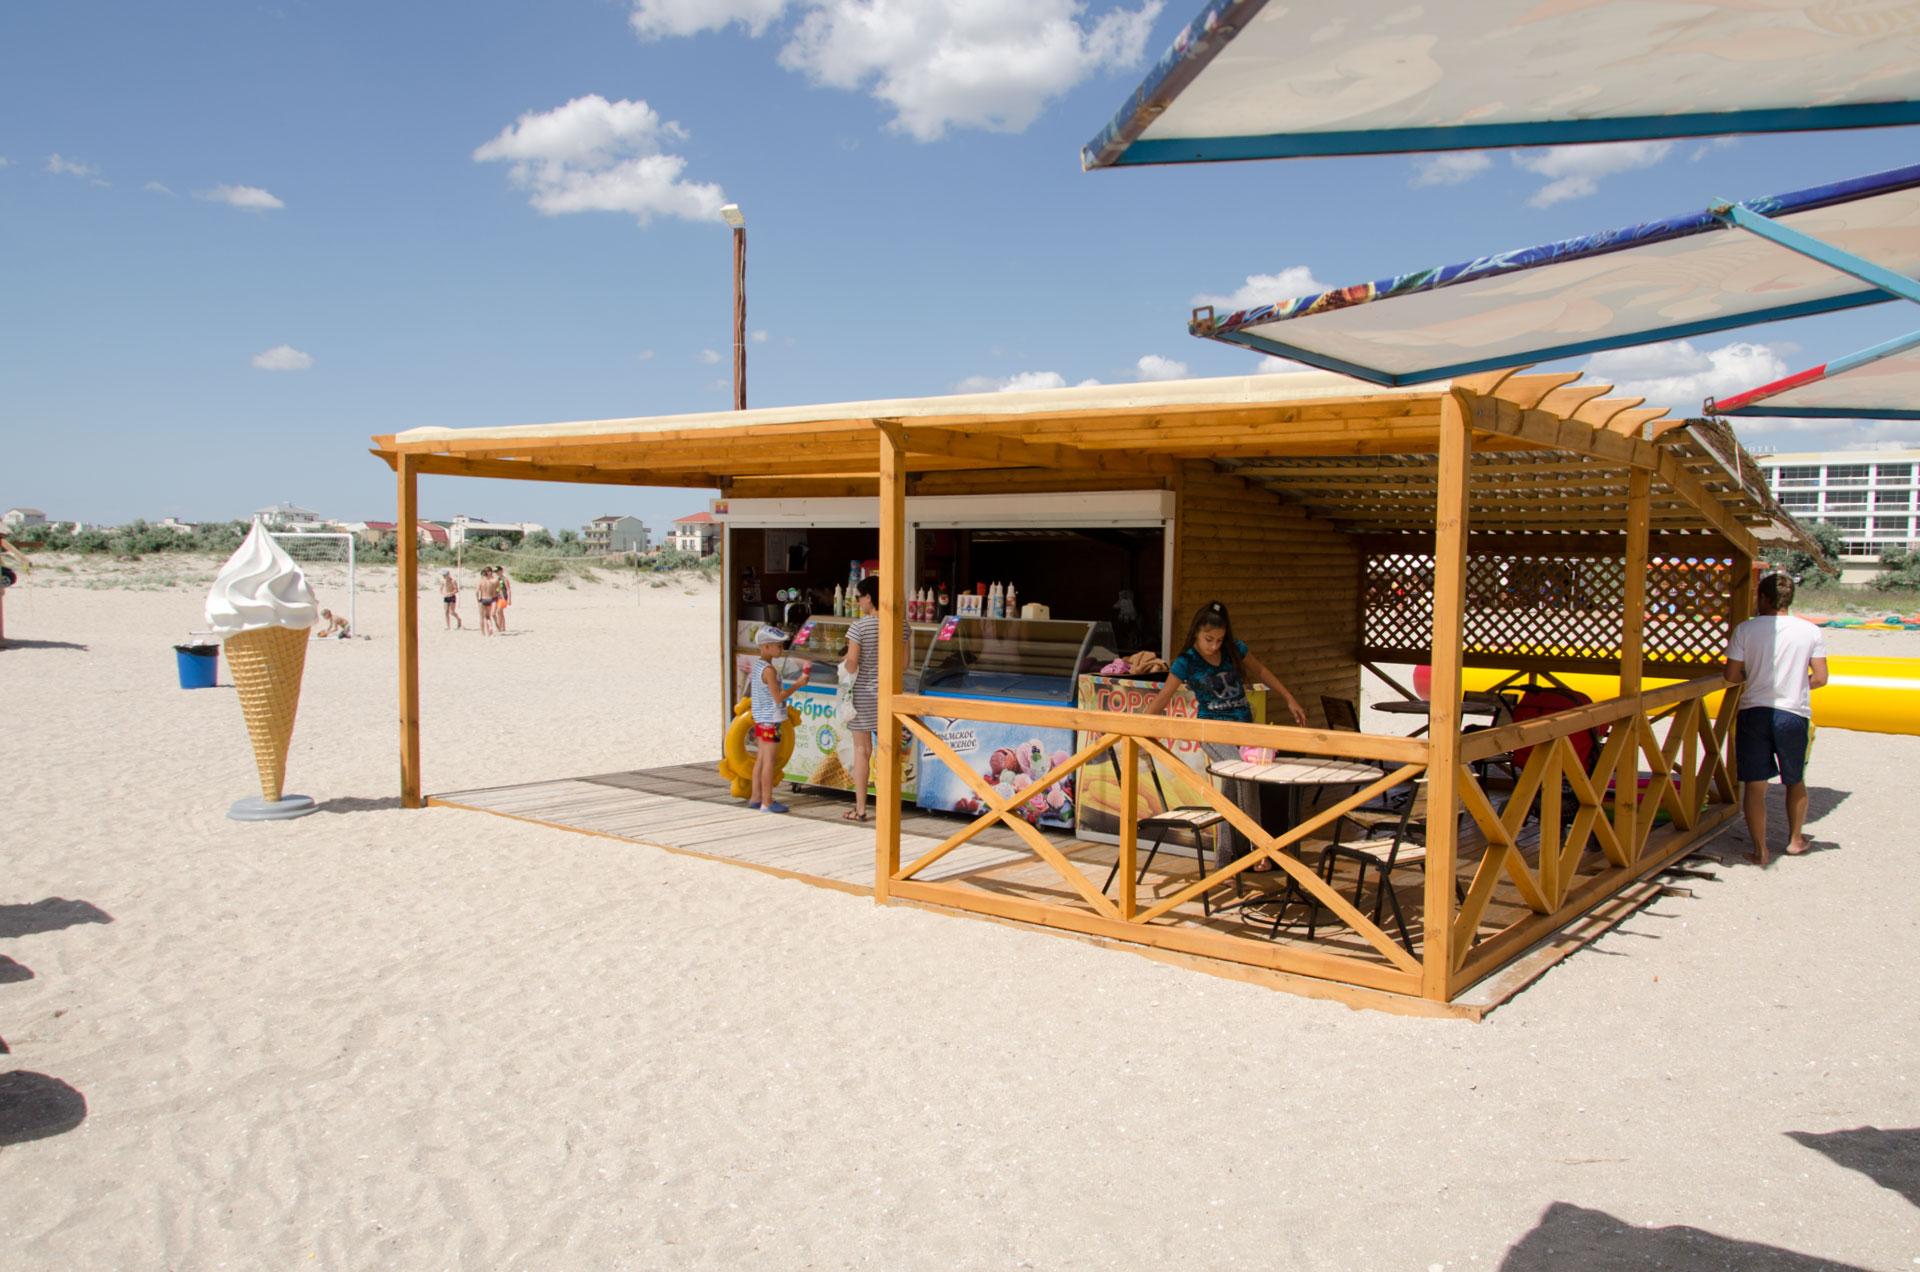 Квас, мороженое на пляже. Фото Мирного